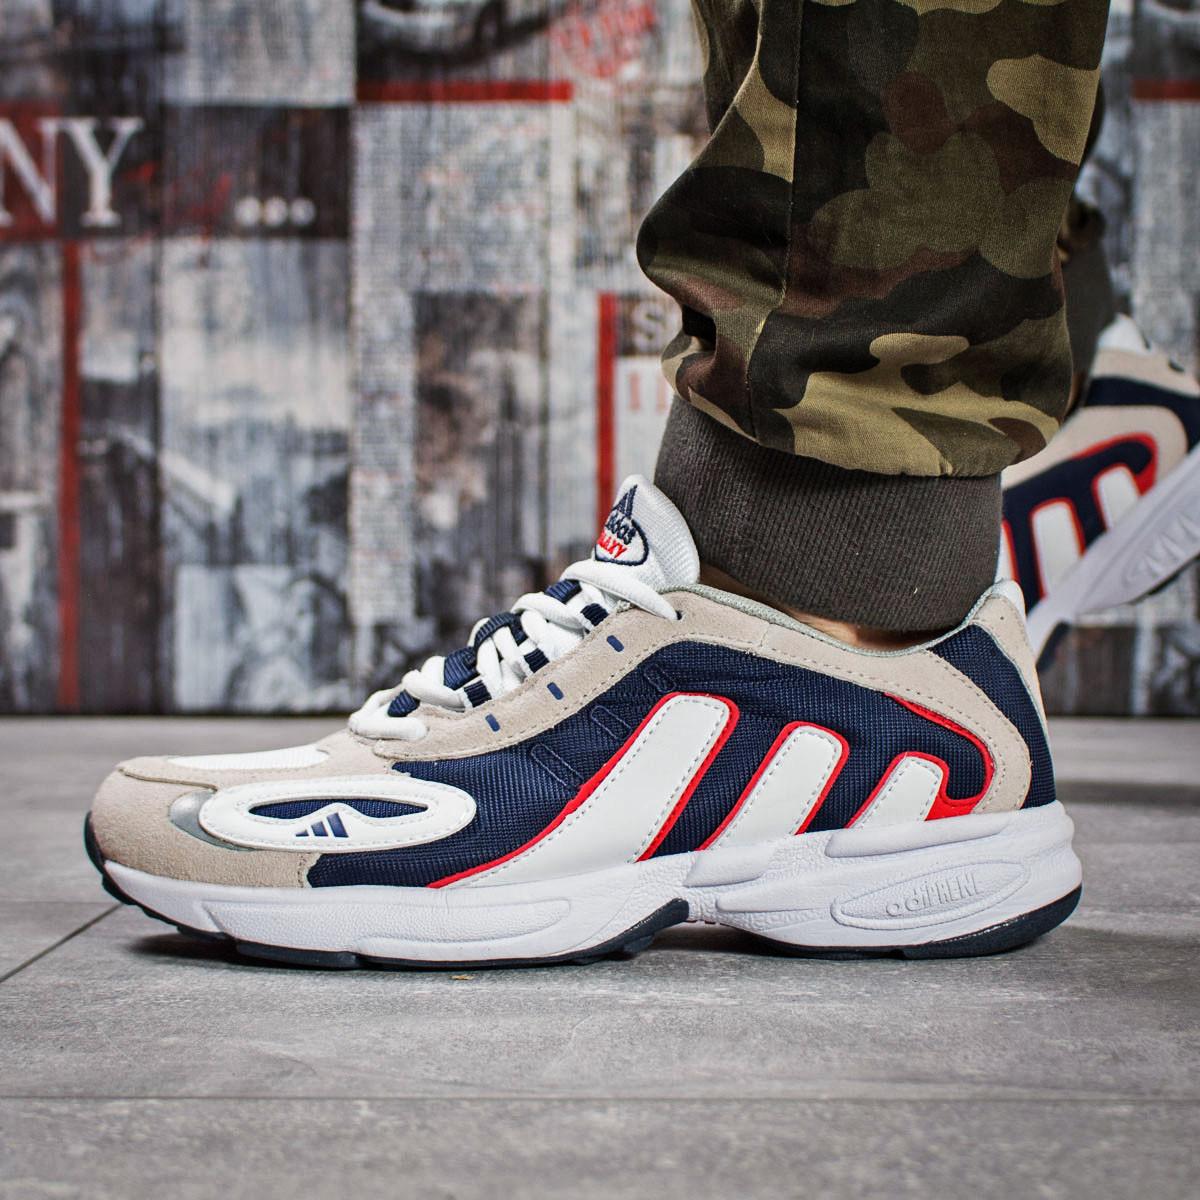 Кроссовки мужские 15913, Adidas Galaxy, бежевые, < 44 > р. 44-28,5см.